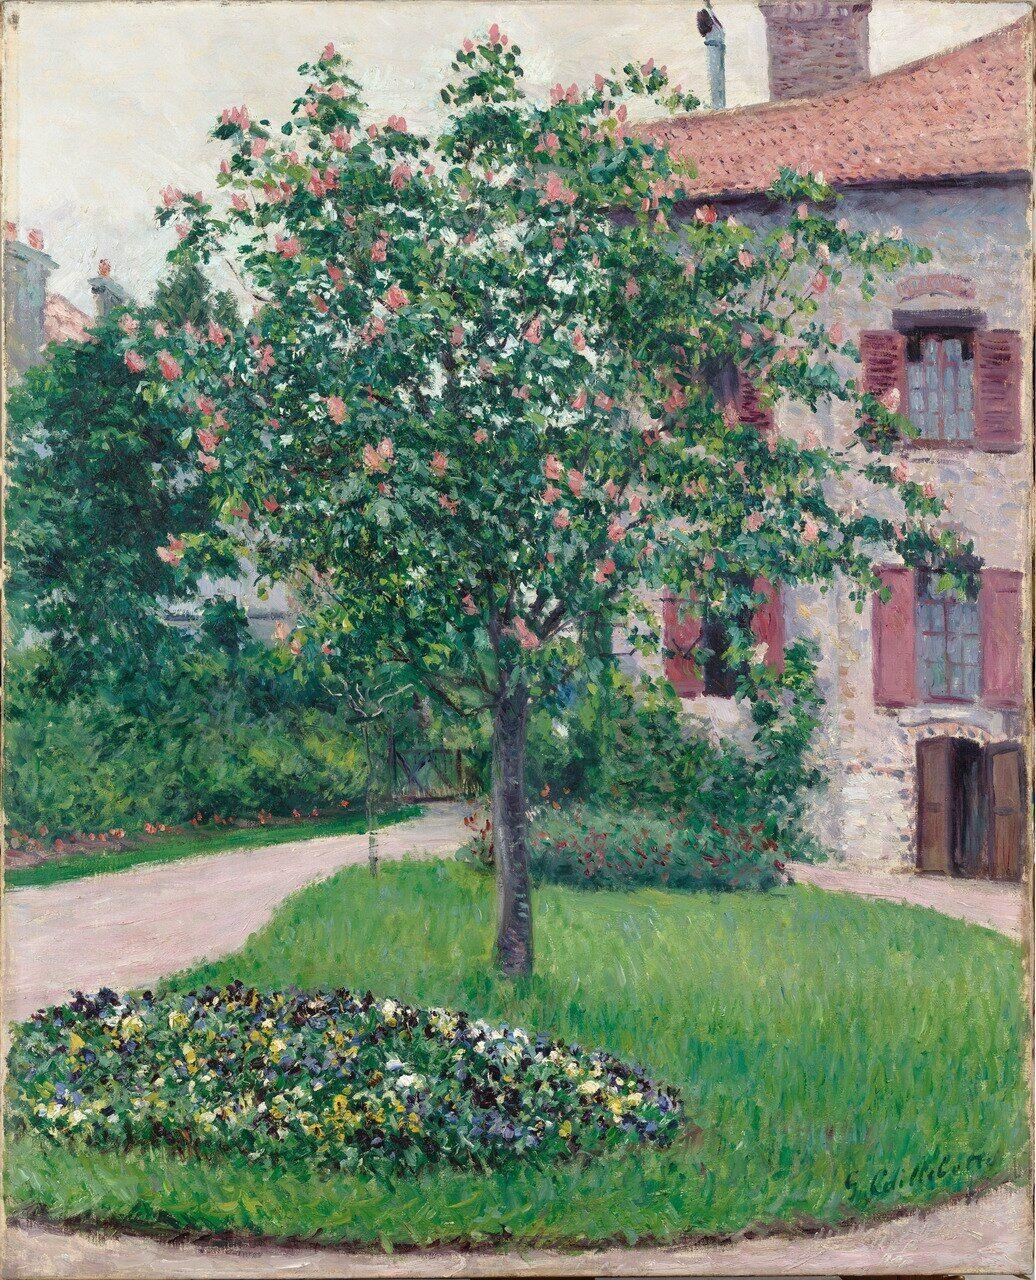 Cet « Arbre en fleurs » datant de 1882 fait partie des tableaux donnés au musée d'Orsay.RMN-Grand Palais (musée d'Orsay)/Patrice Schmidt